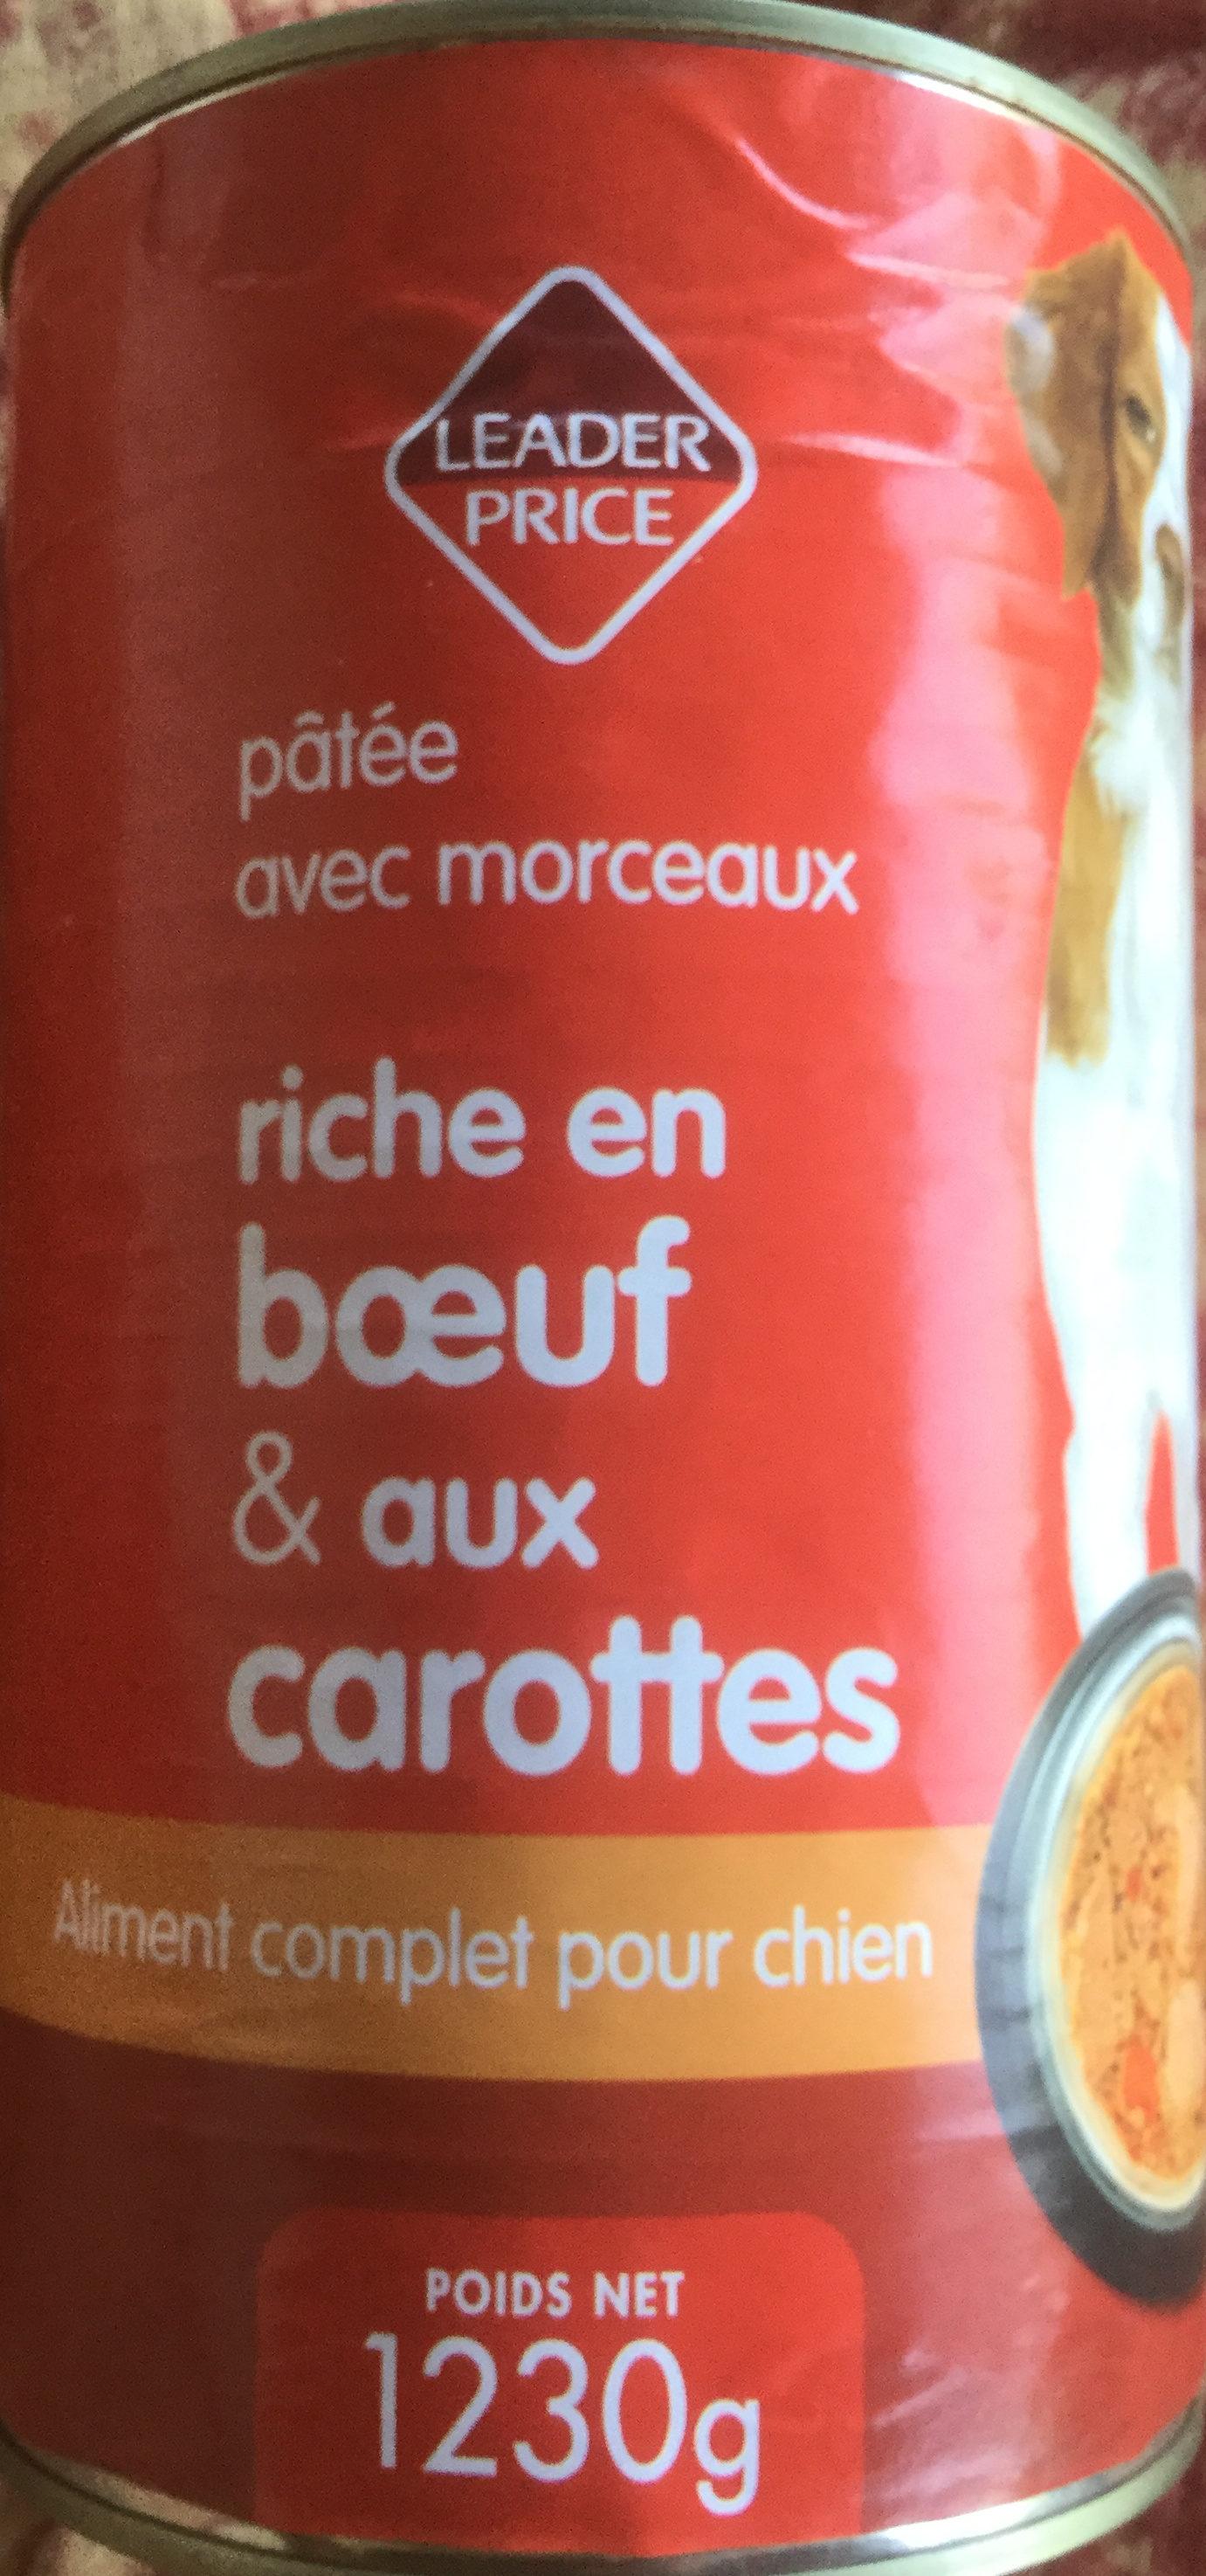 Pâtée avec morceaux riche en bœuf & aux carottes - Product